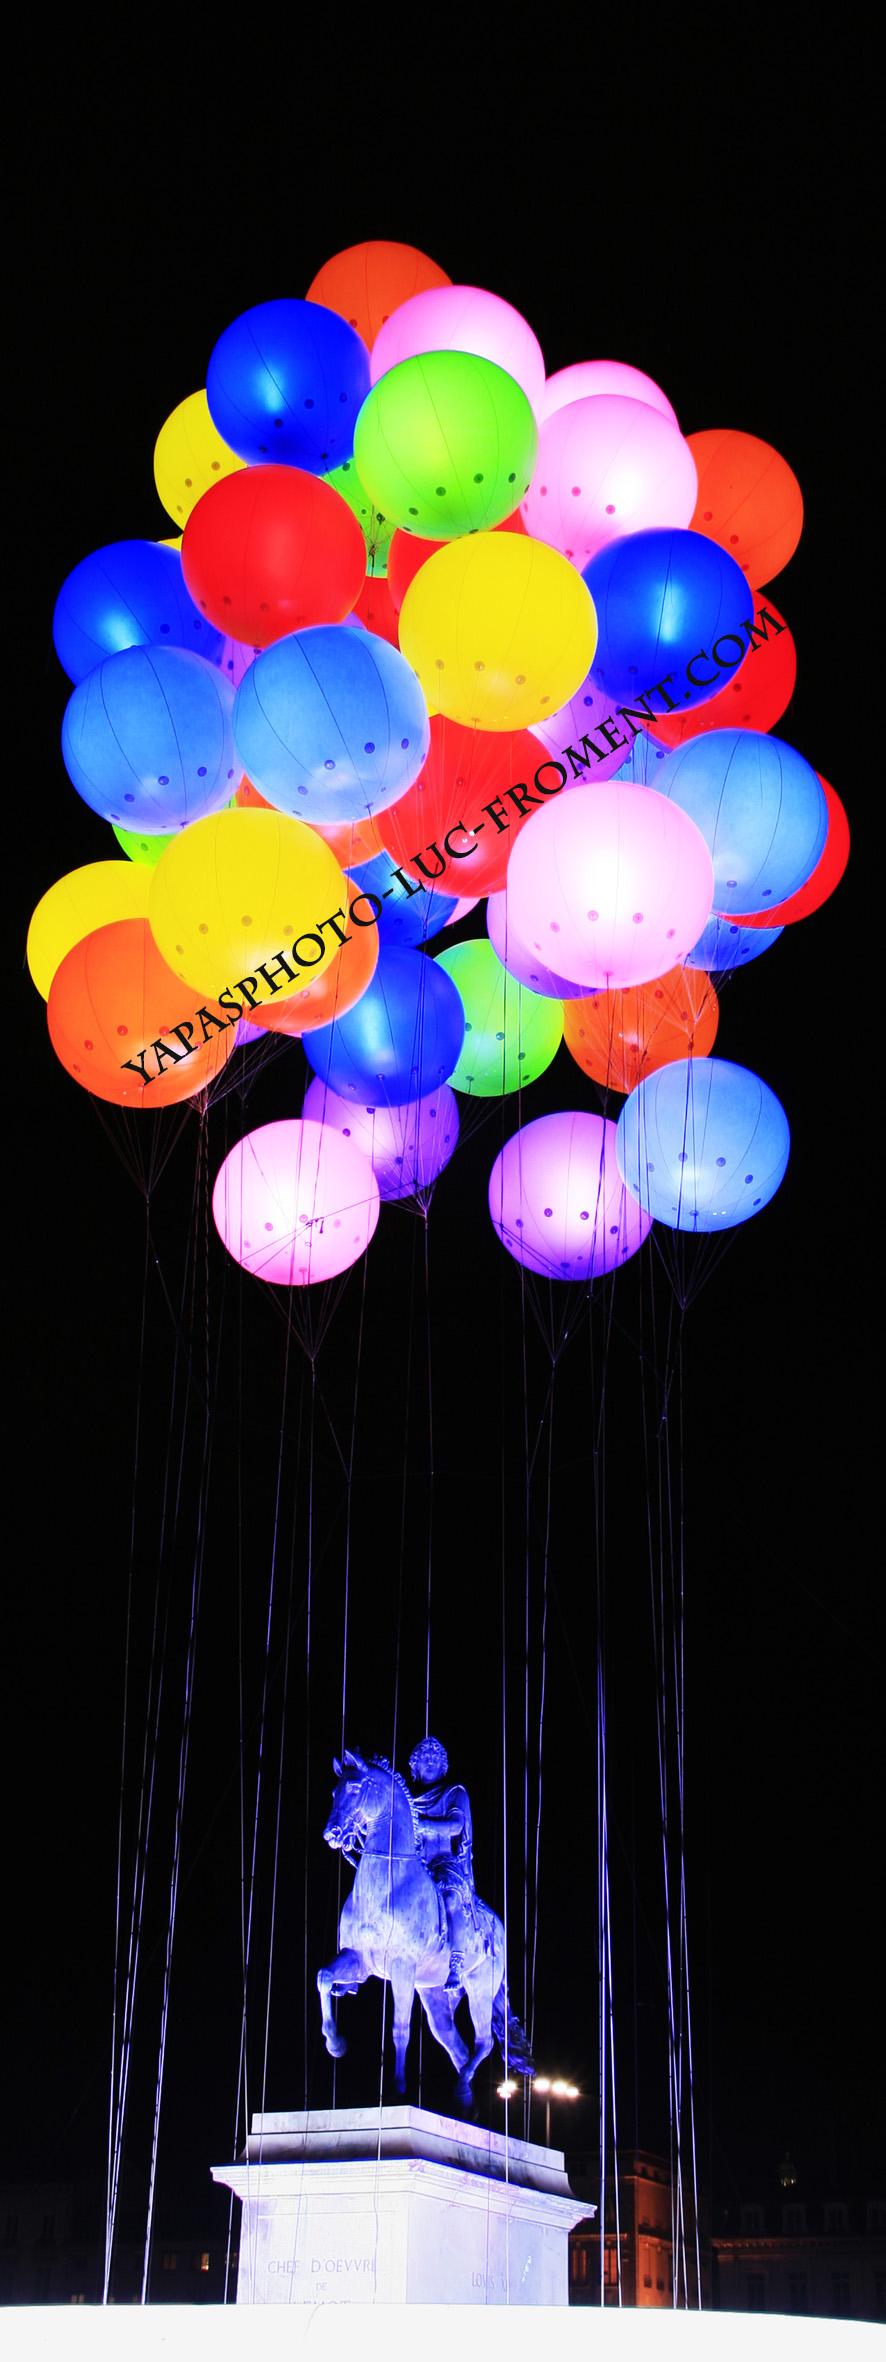 Ballons portrait WM